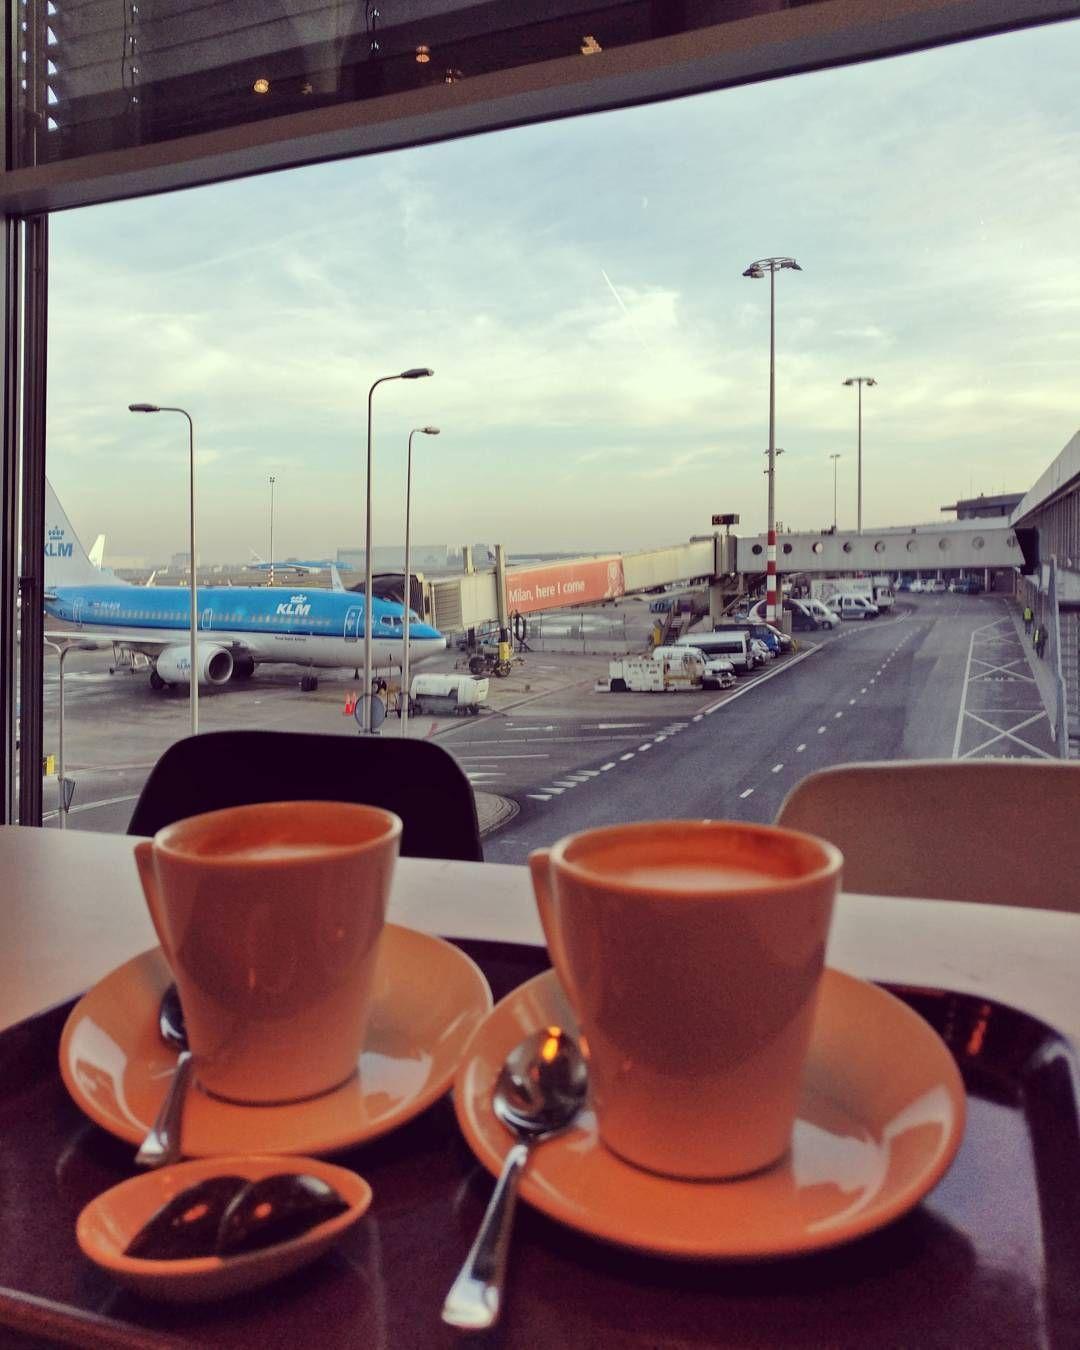 Картинка кофе в аэропорту